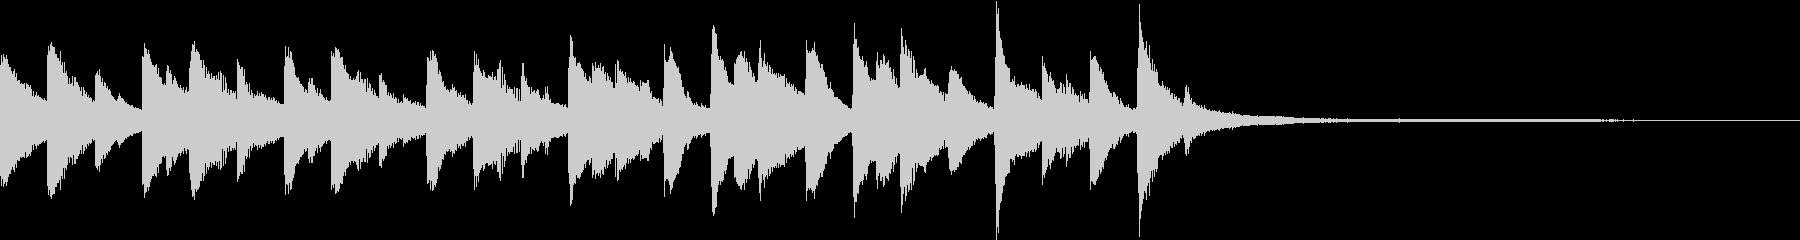 癒しのピアノ CM ジングル ショート1の未再生の波形